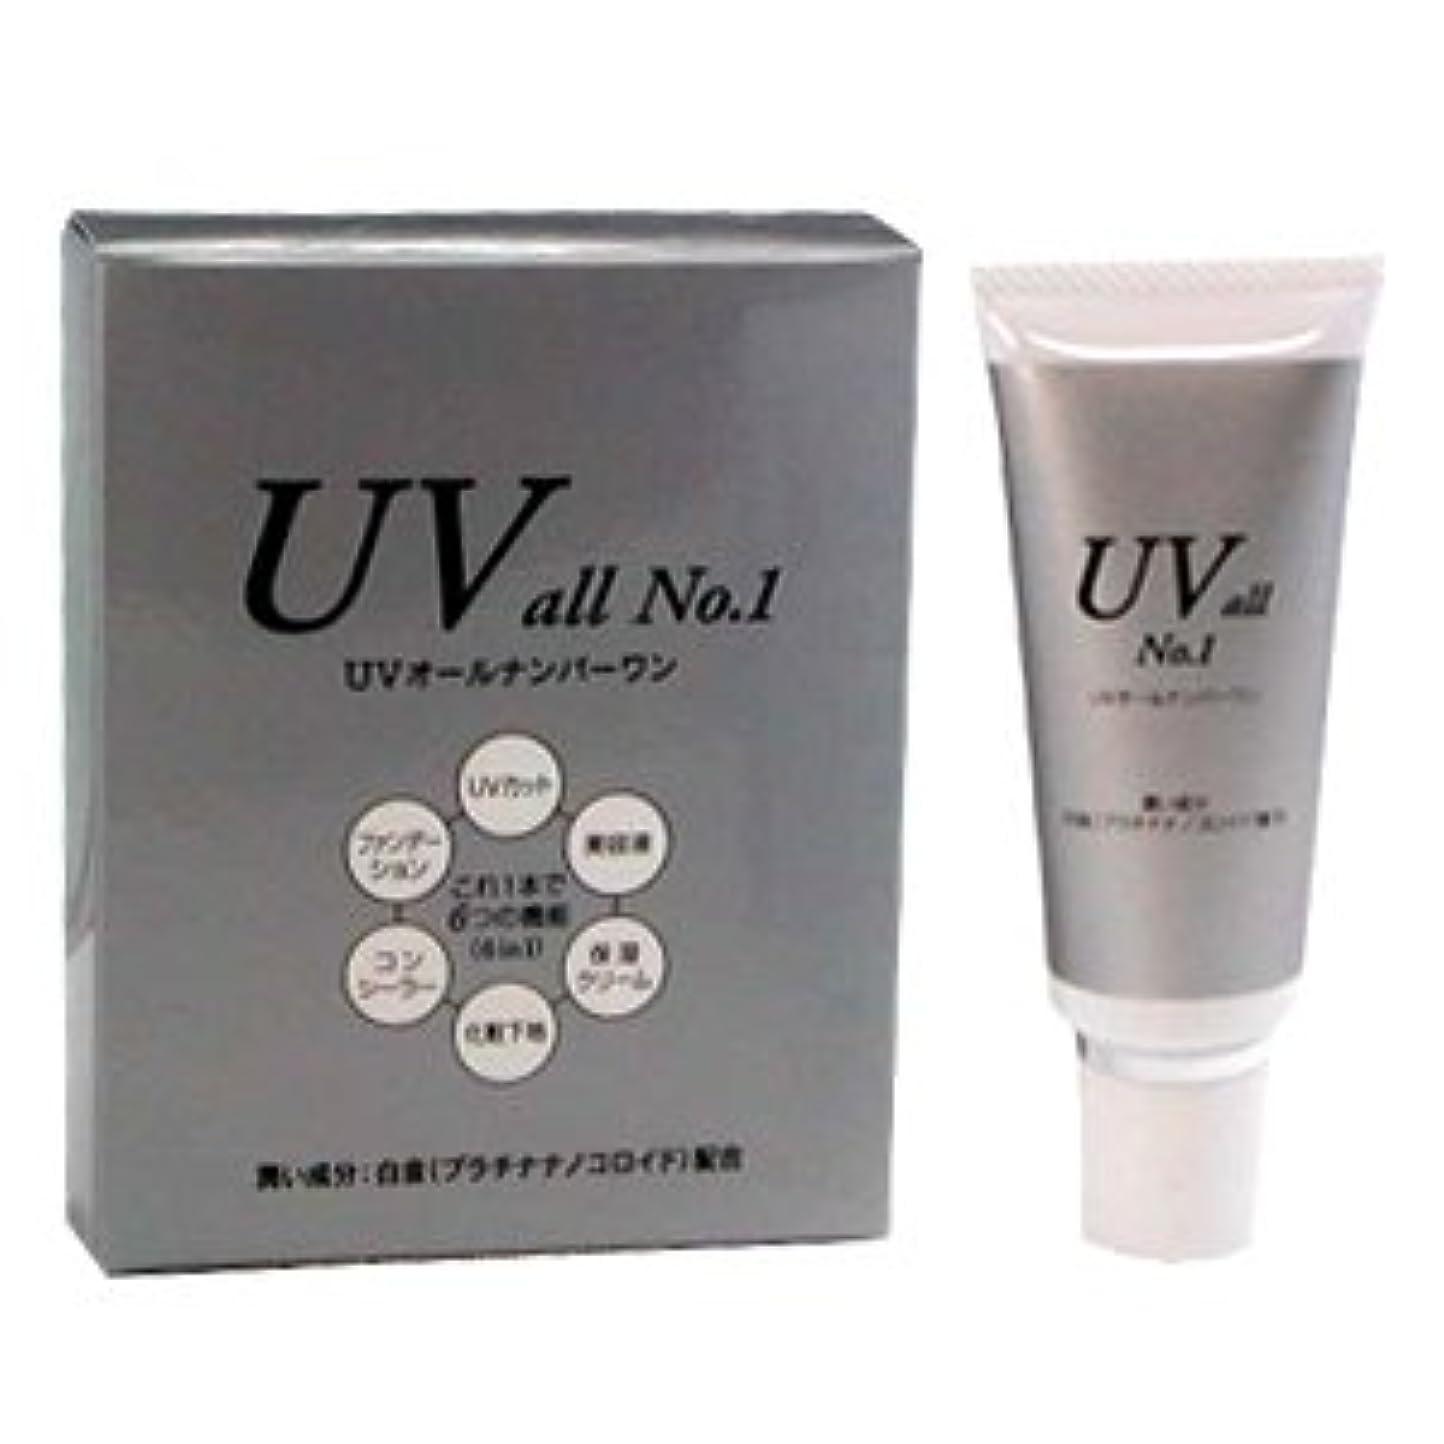 ジャンピングジャックスパン産地UV all No.1 (UVオールナンバーワン) 45g